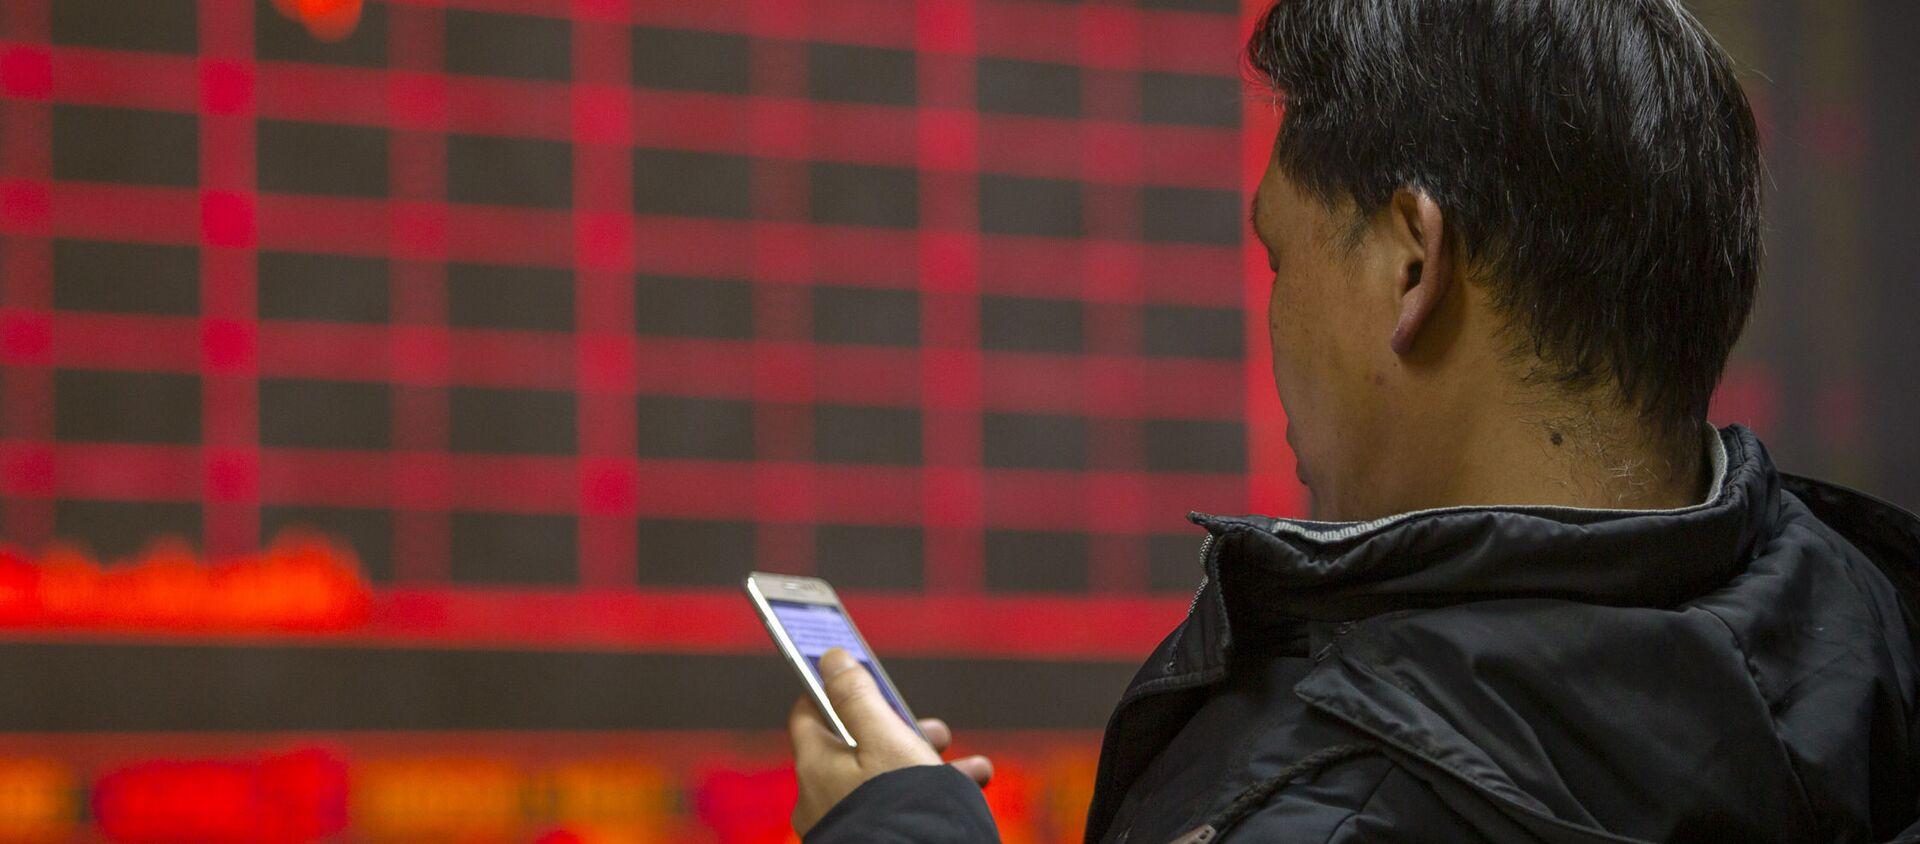 Người đàn ông theo dõi giá cổ phiếu tại một công ty môi giới ở Bắc Kinh - Sputnik Việt Nam, 1920, 08.04.2021